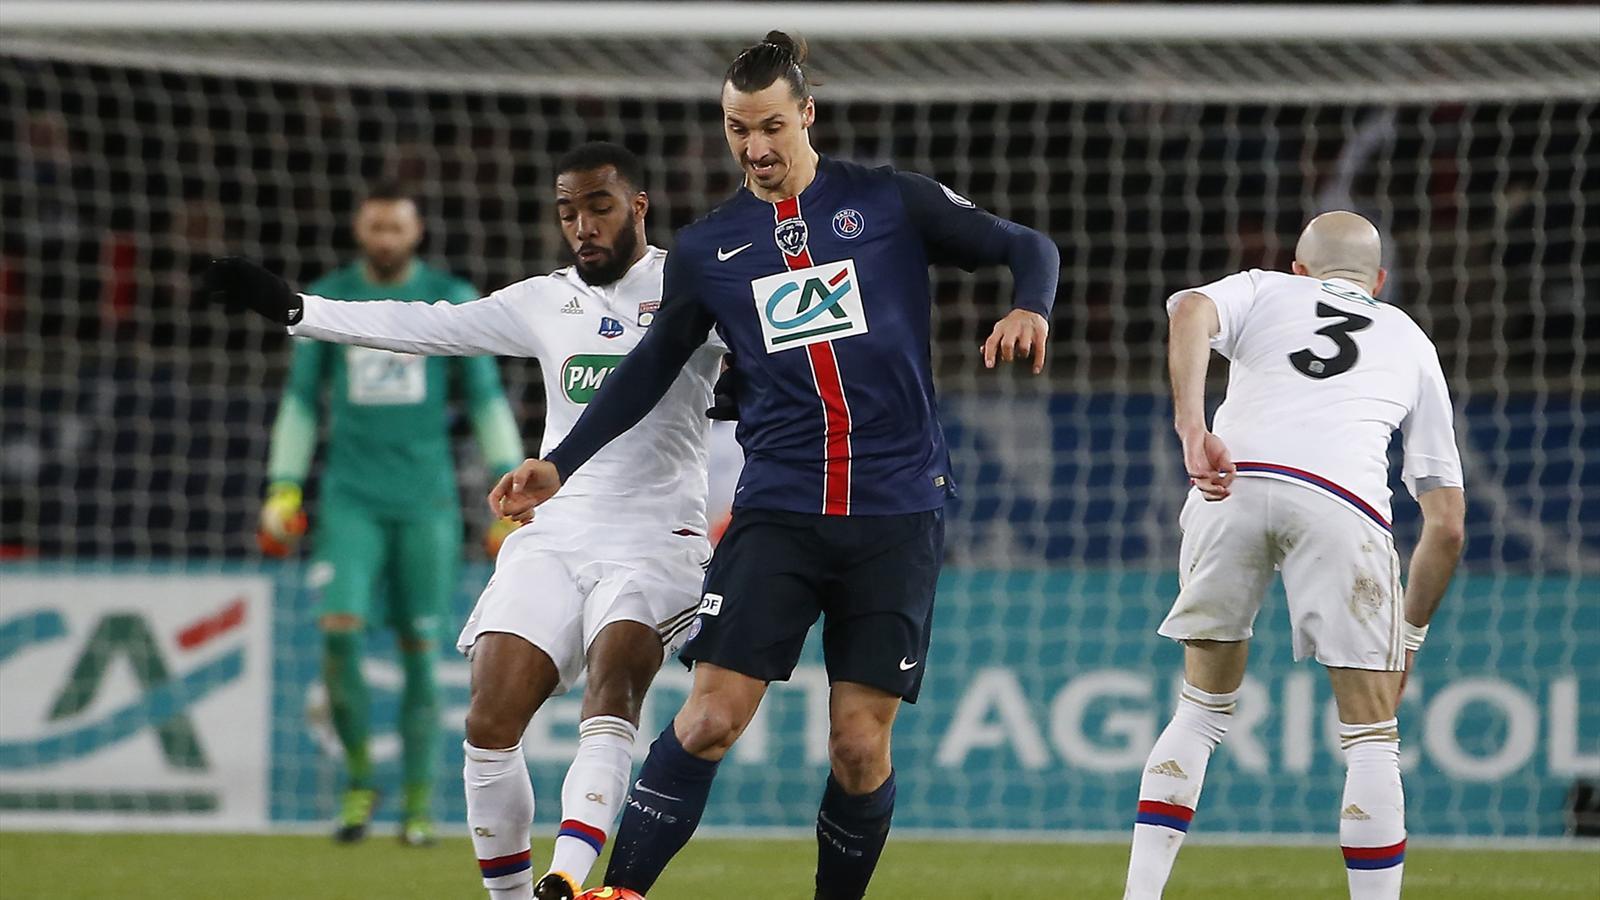 En direct live psg lyon coupe de france 10 - Resultats coupe de france football 2015 ...